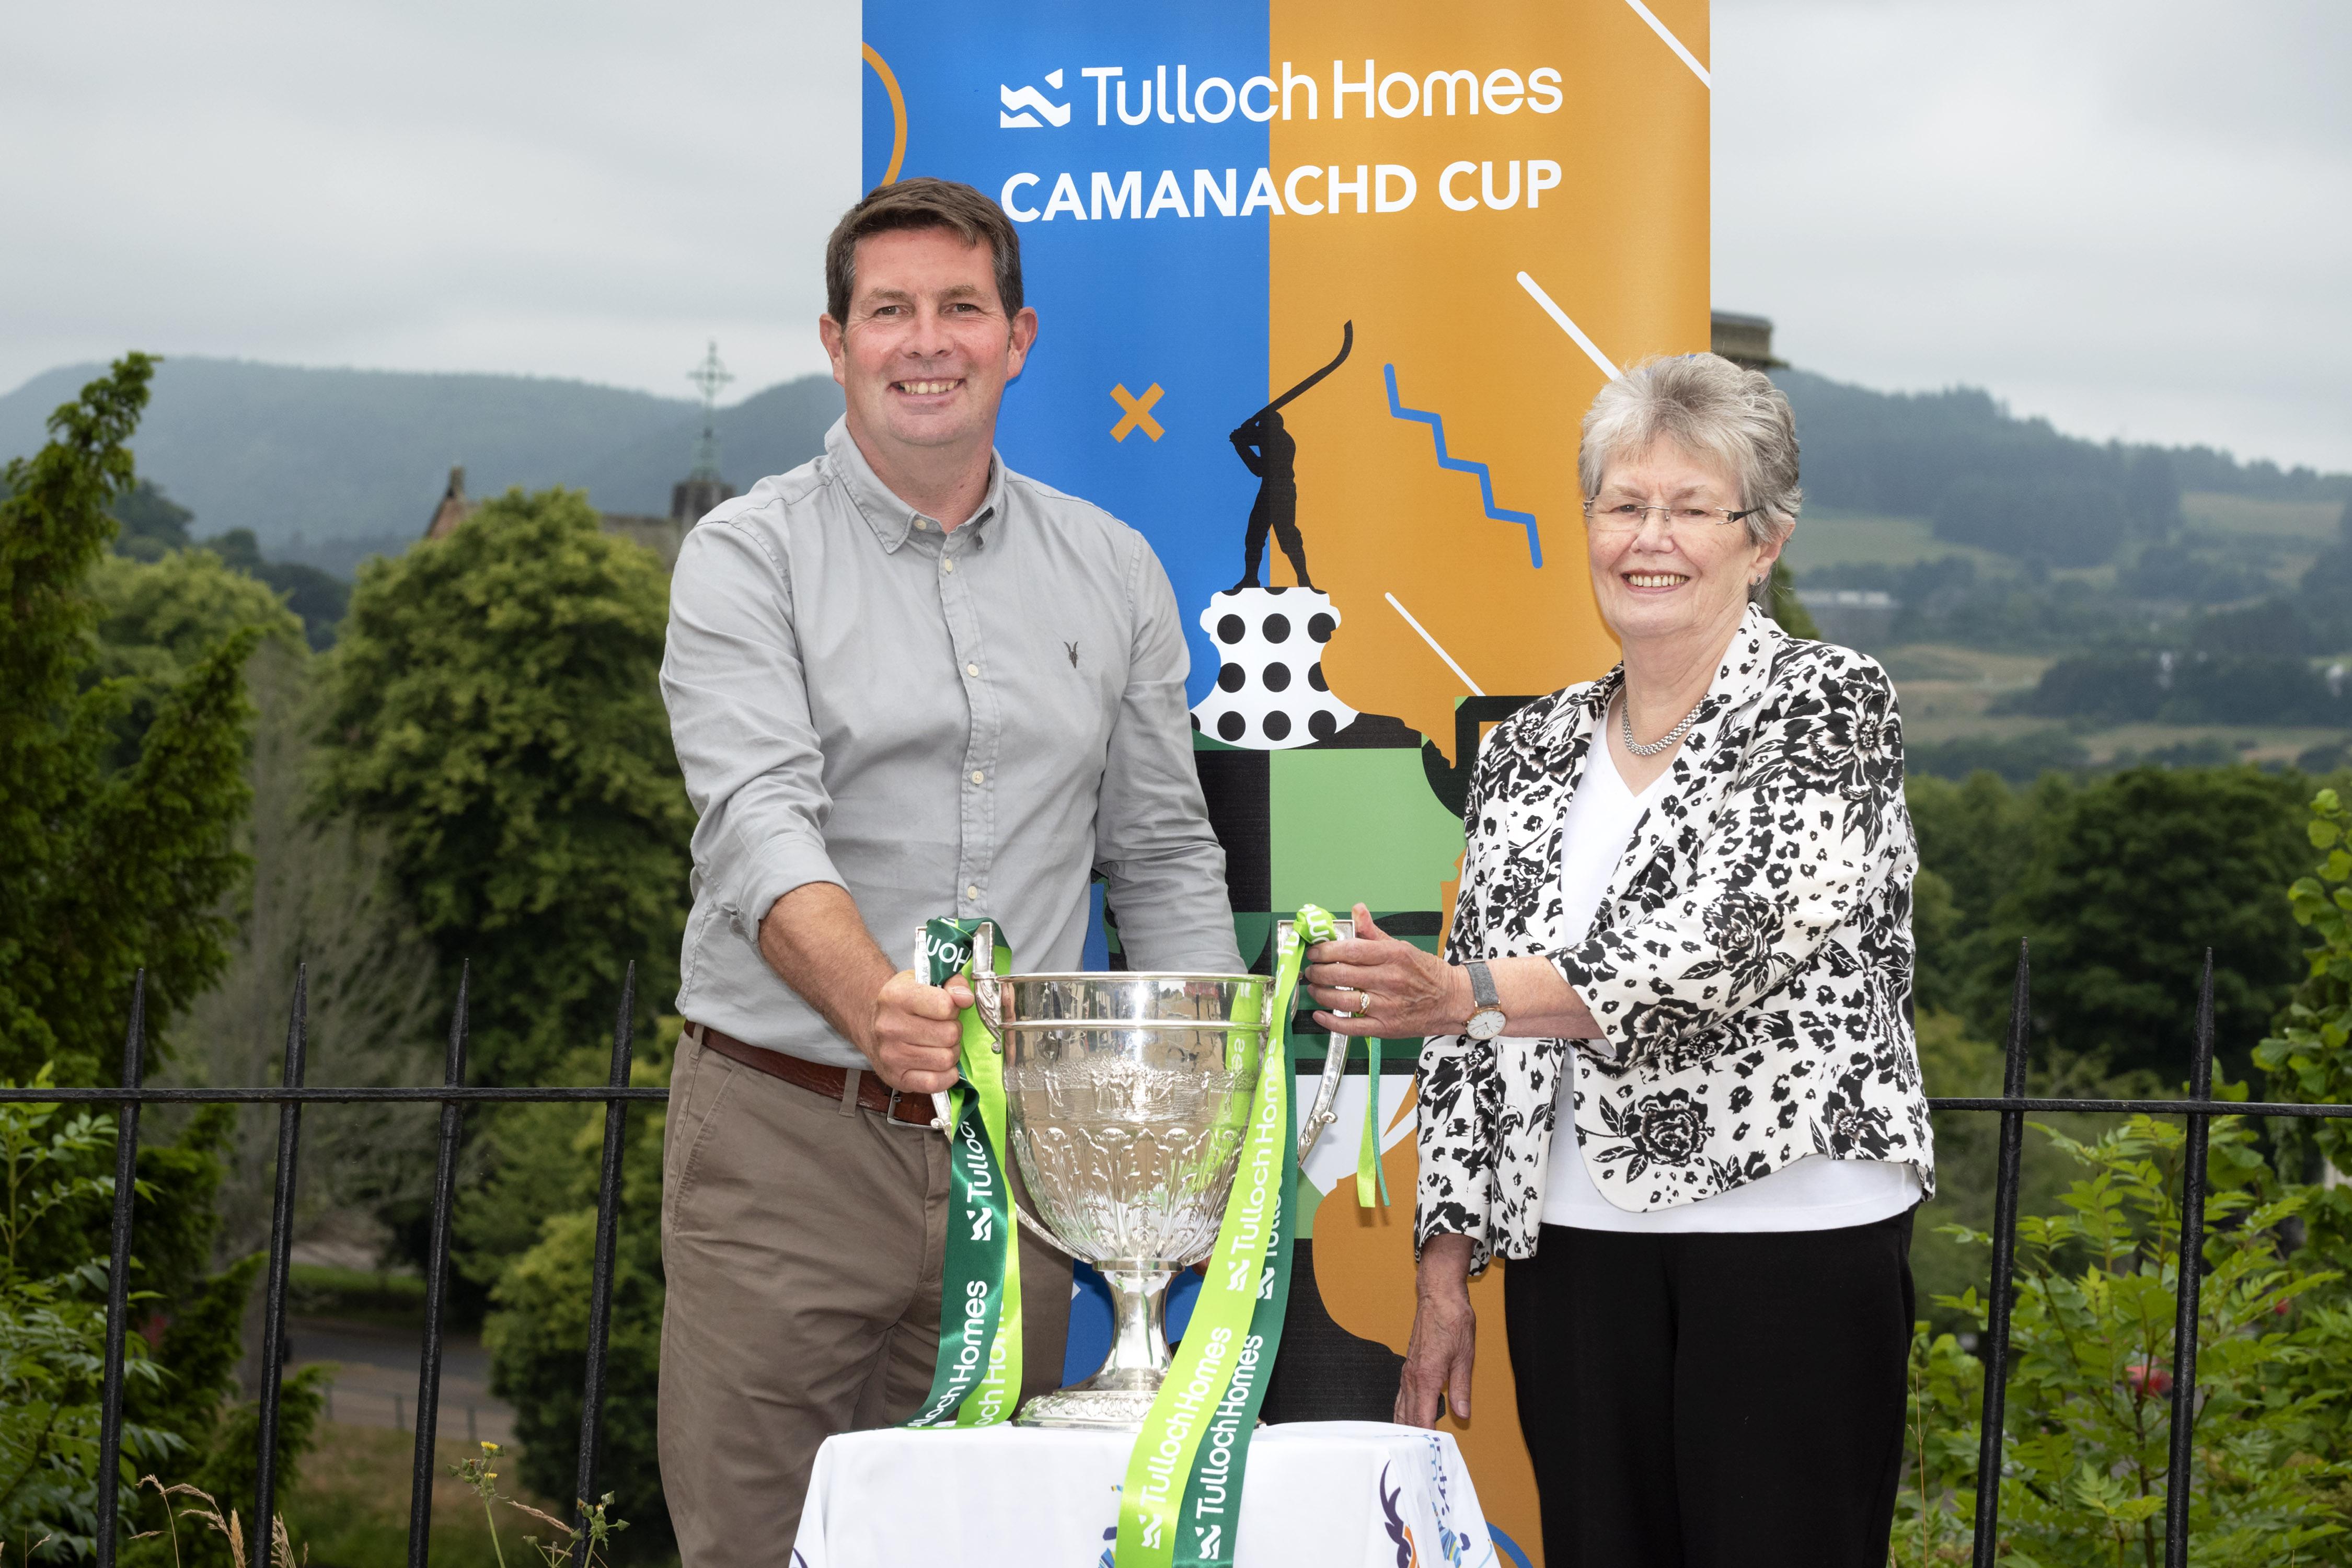 Tulloch Homes Camanachd Cup – Quarter-Final Draw